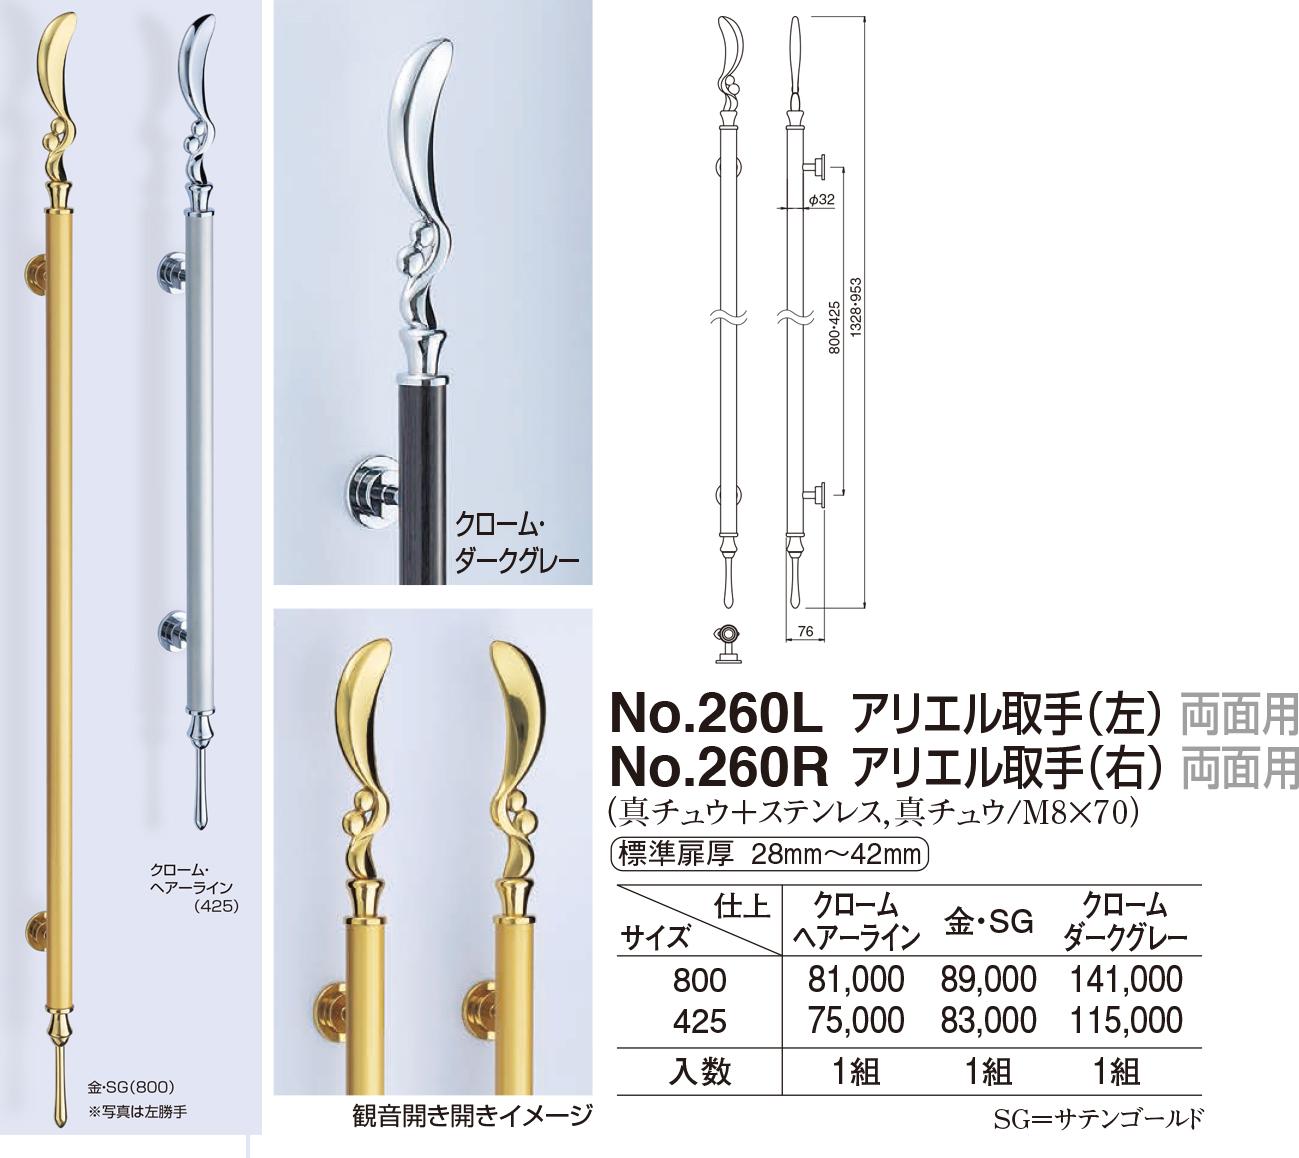 【シロクマ】アリエル取手(右) 両面用 No.260R 800 金・SG